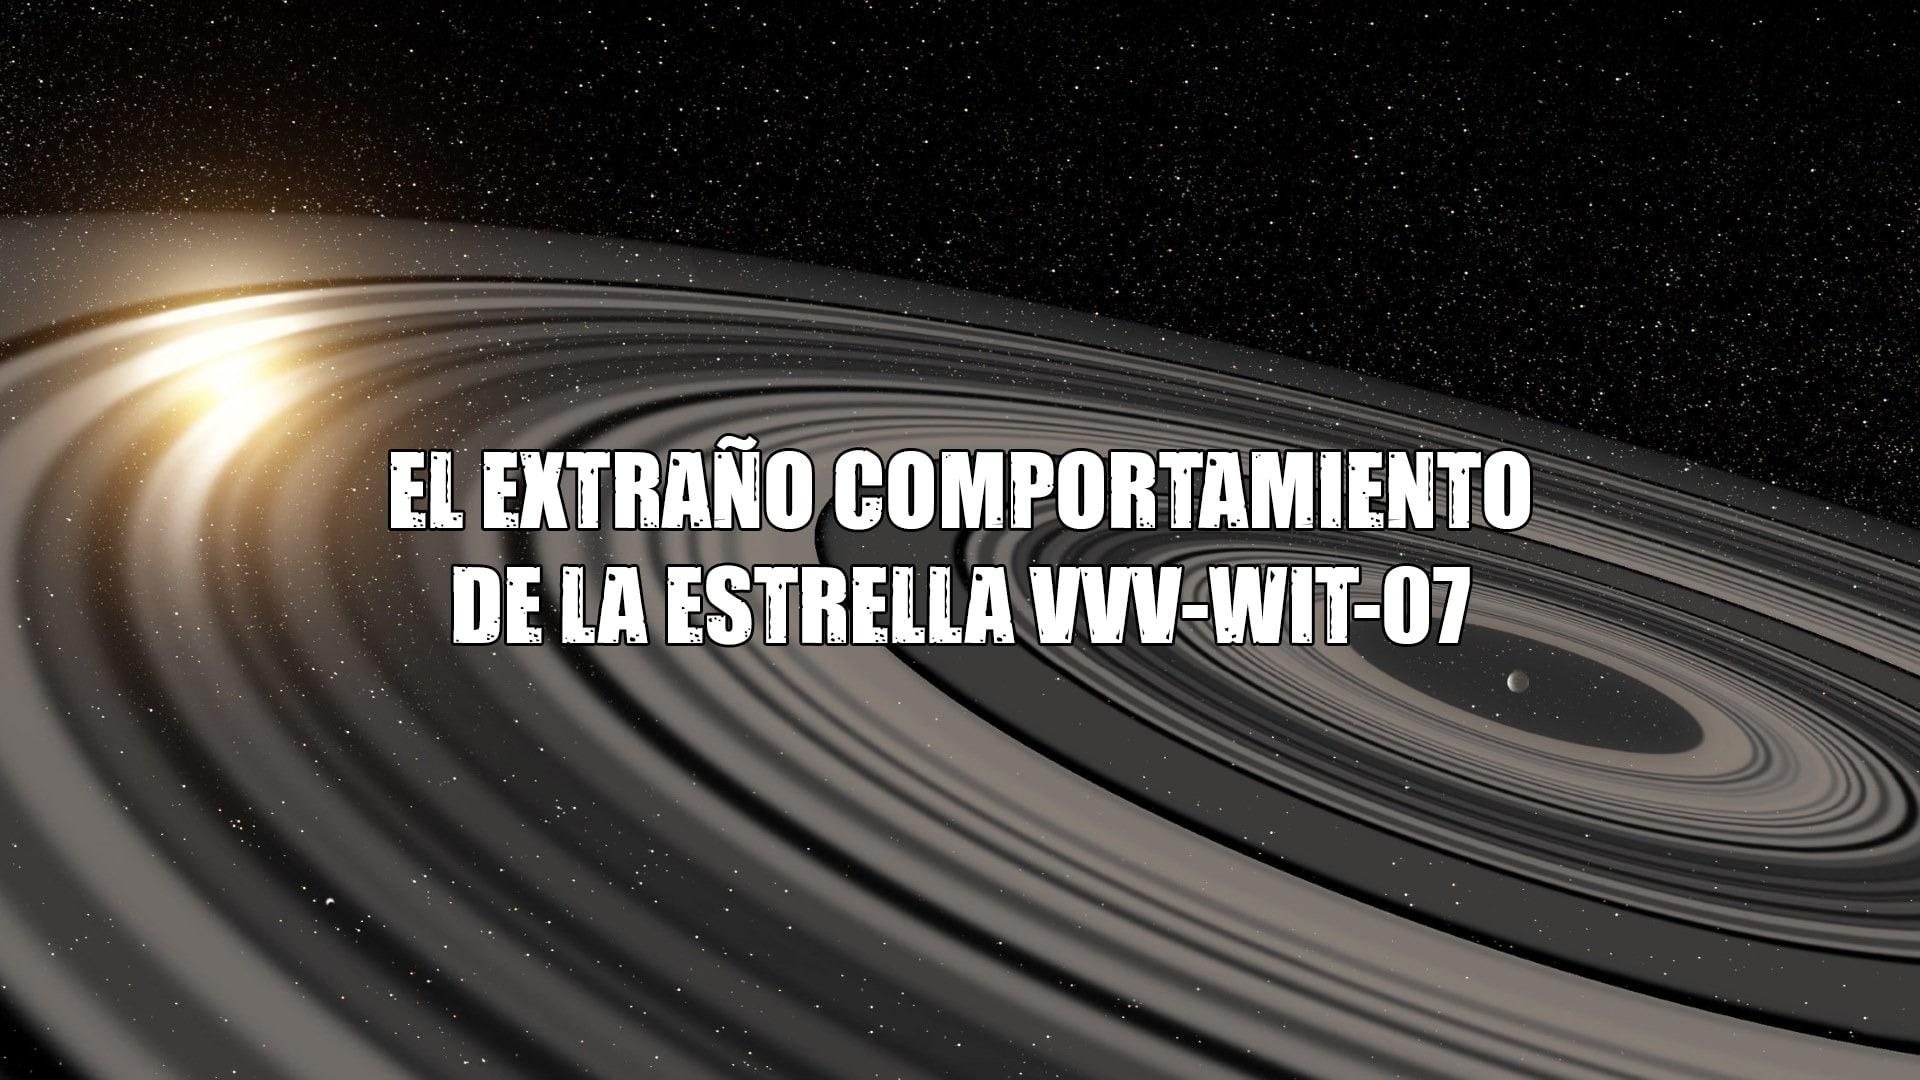 El extraño comportamiento de la estrella VVV-WIT-07